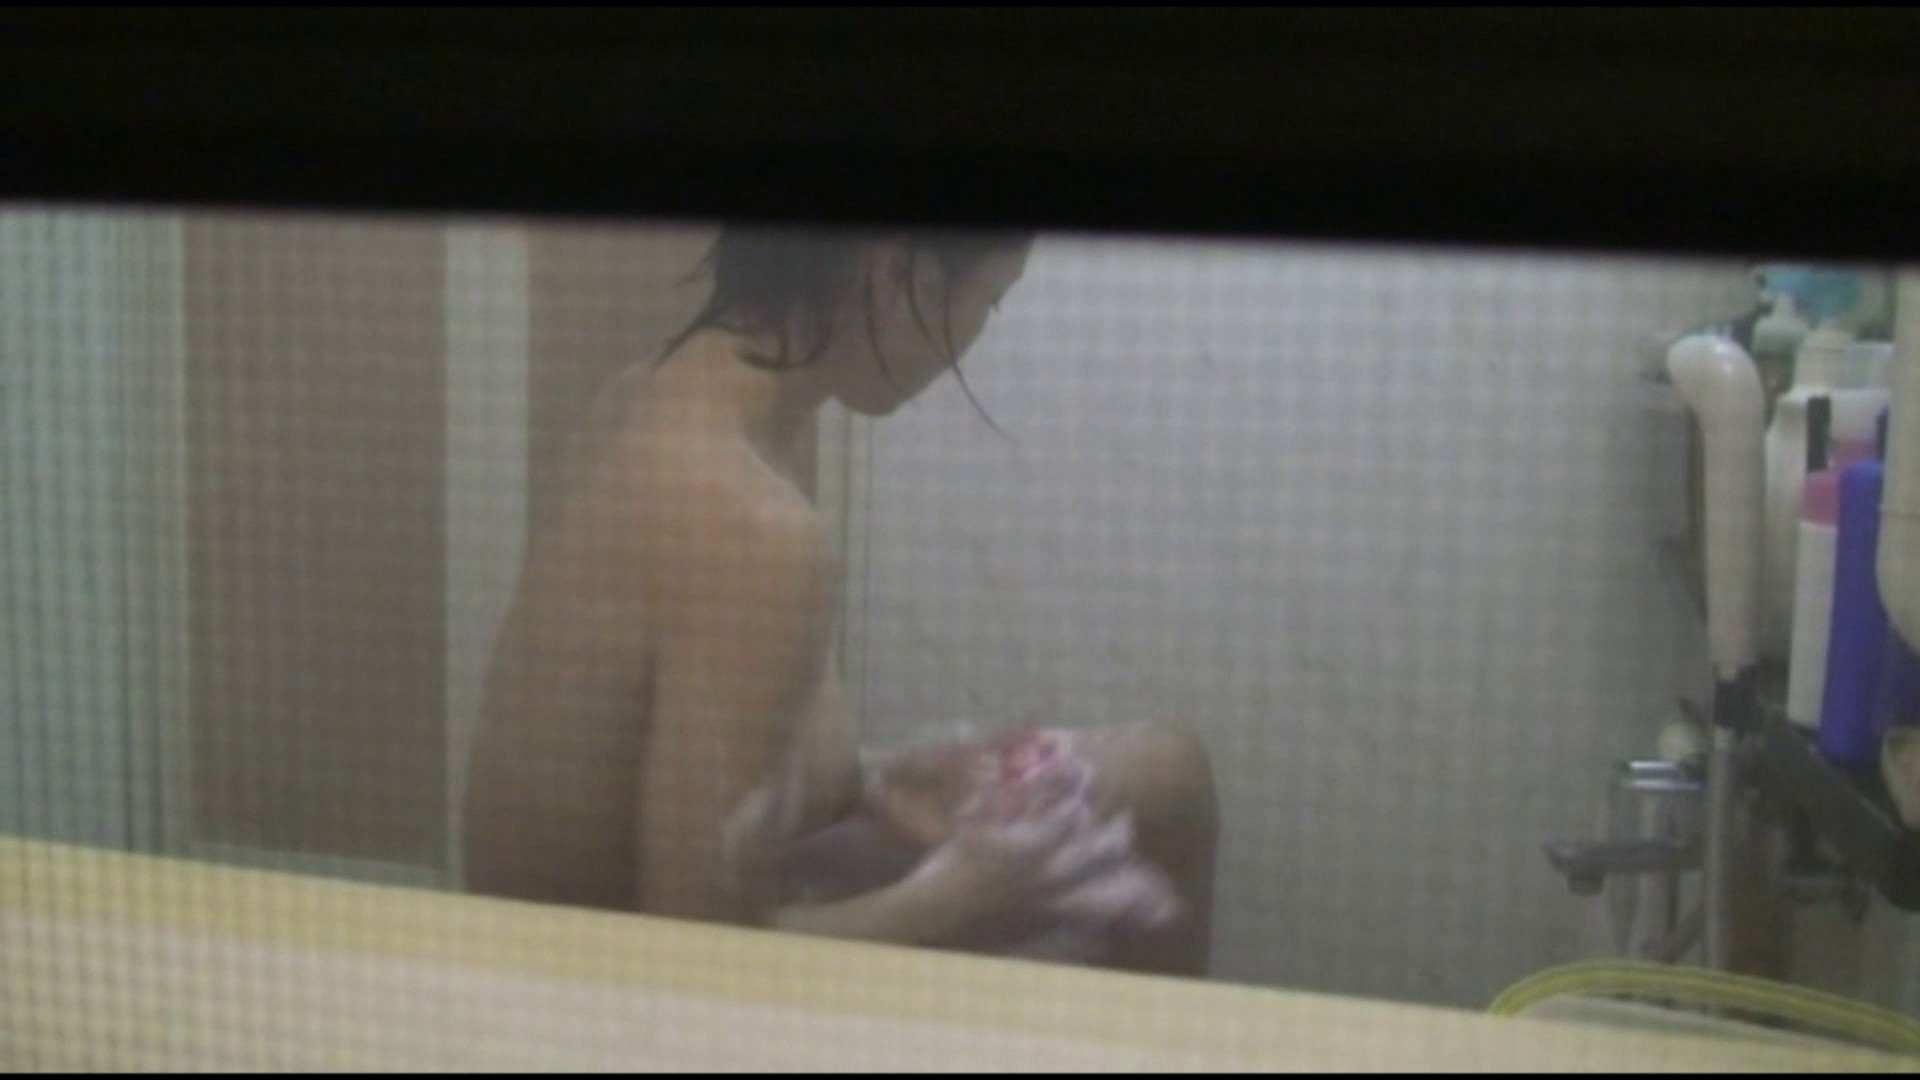 vol.04巨乳美人のおっぱいがプルルンッと弾けてます!風呂上りも必見 覗き  94pic 61